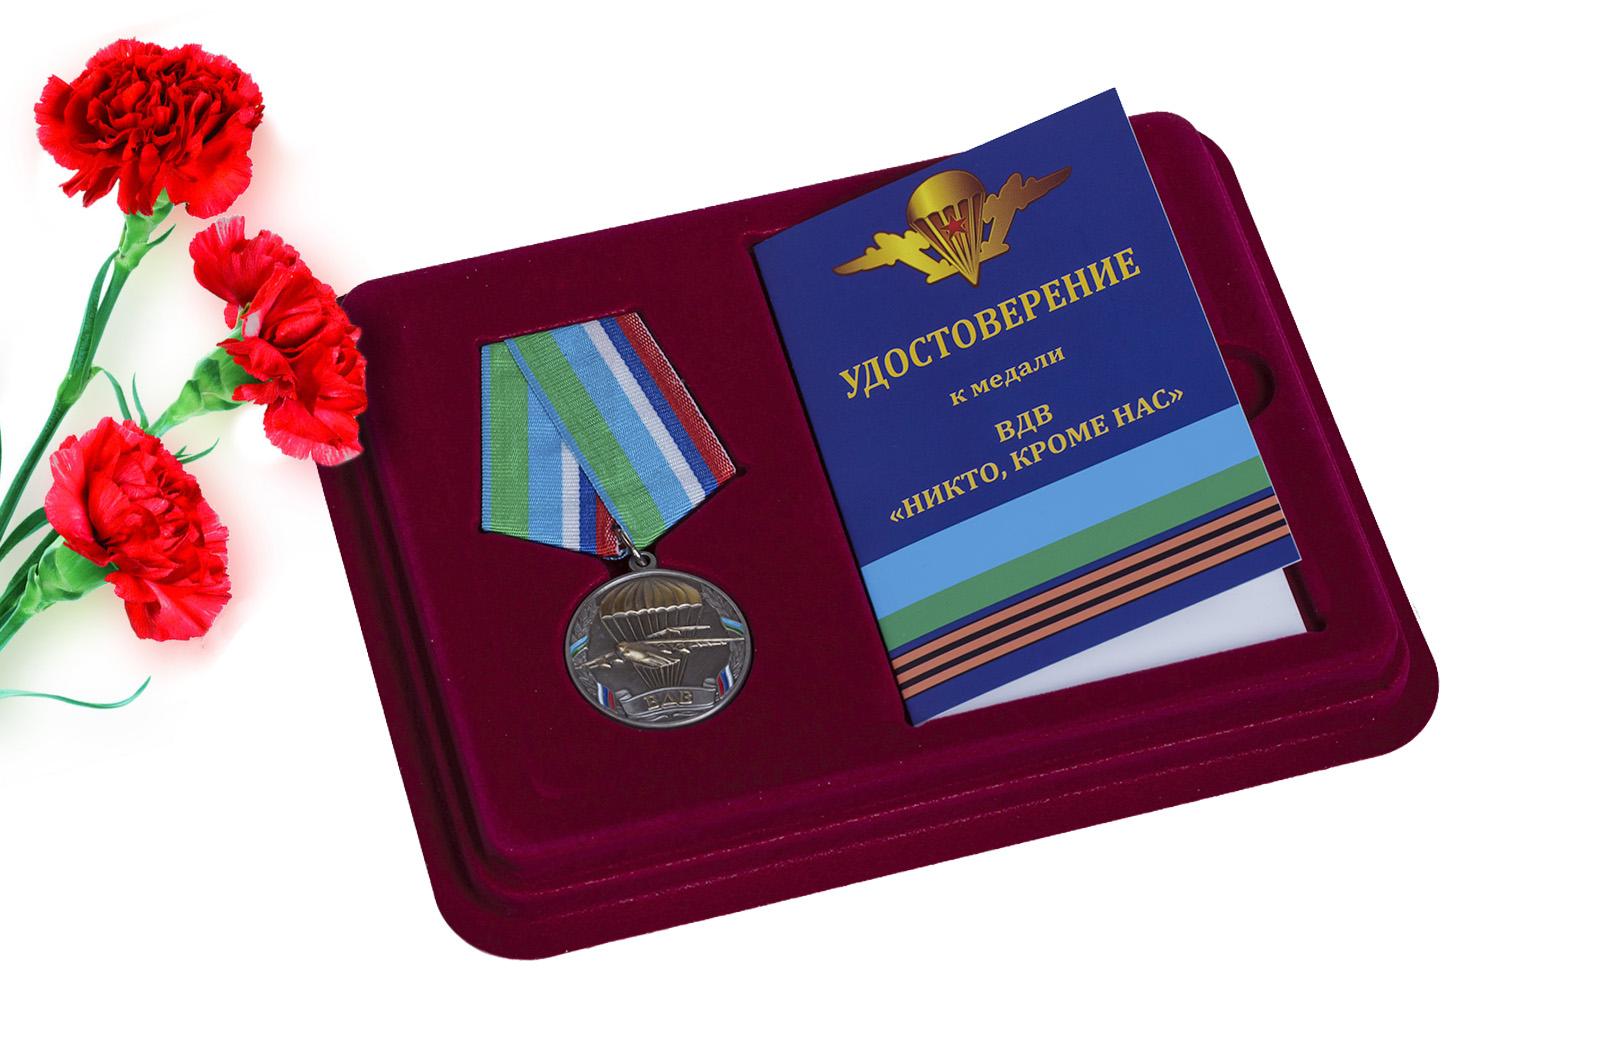 Купить медаль ВДВ Никто, кроме нас в футляре с удостоверением оптом выгодно